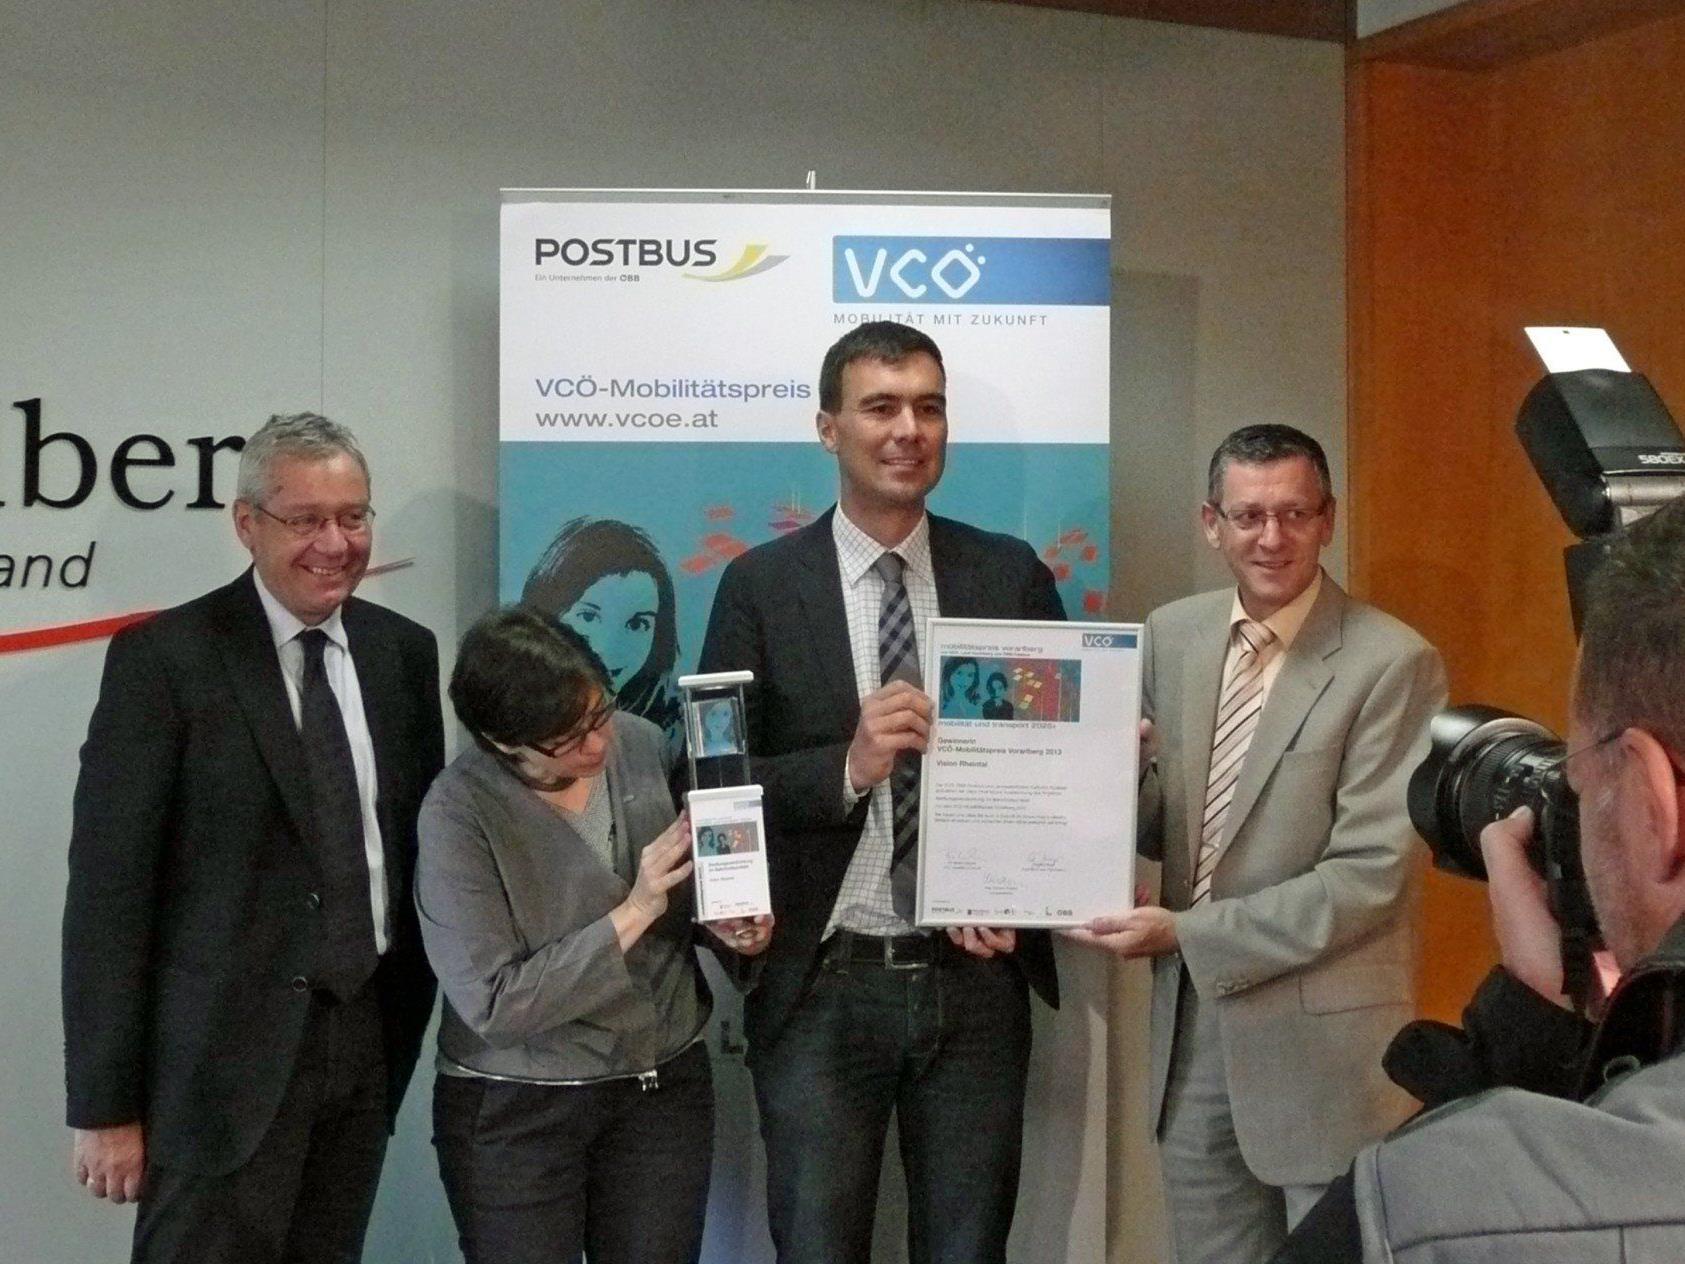 Gemeinsam mit Landesstatthalter Rüdisser und ÖBB-Postbus-Regionalmanager Mayer überreichte VCÖ-Expertin Bettina Urbanek den Preis an Projektleiter Martin Assmann.